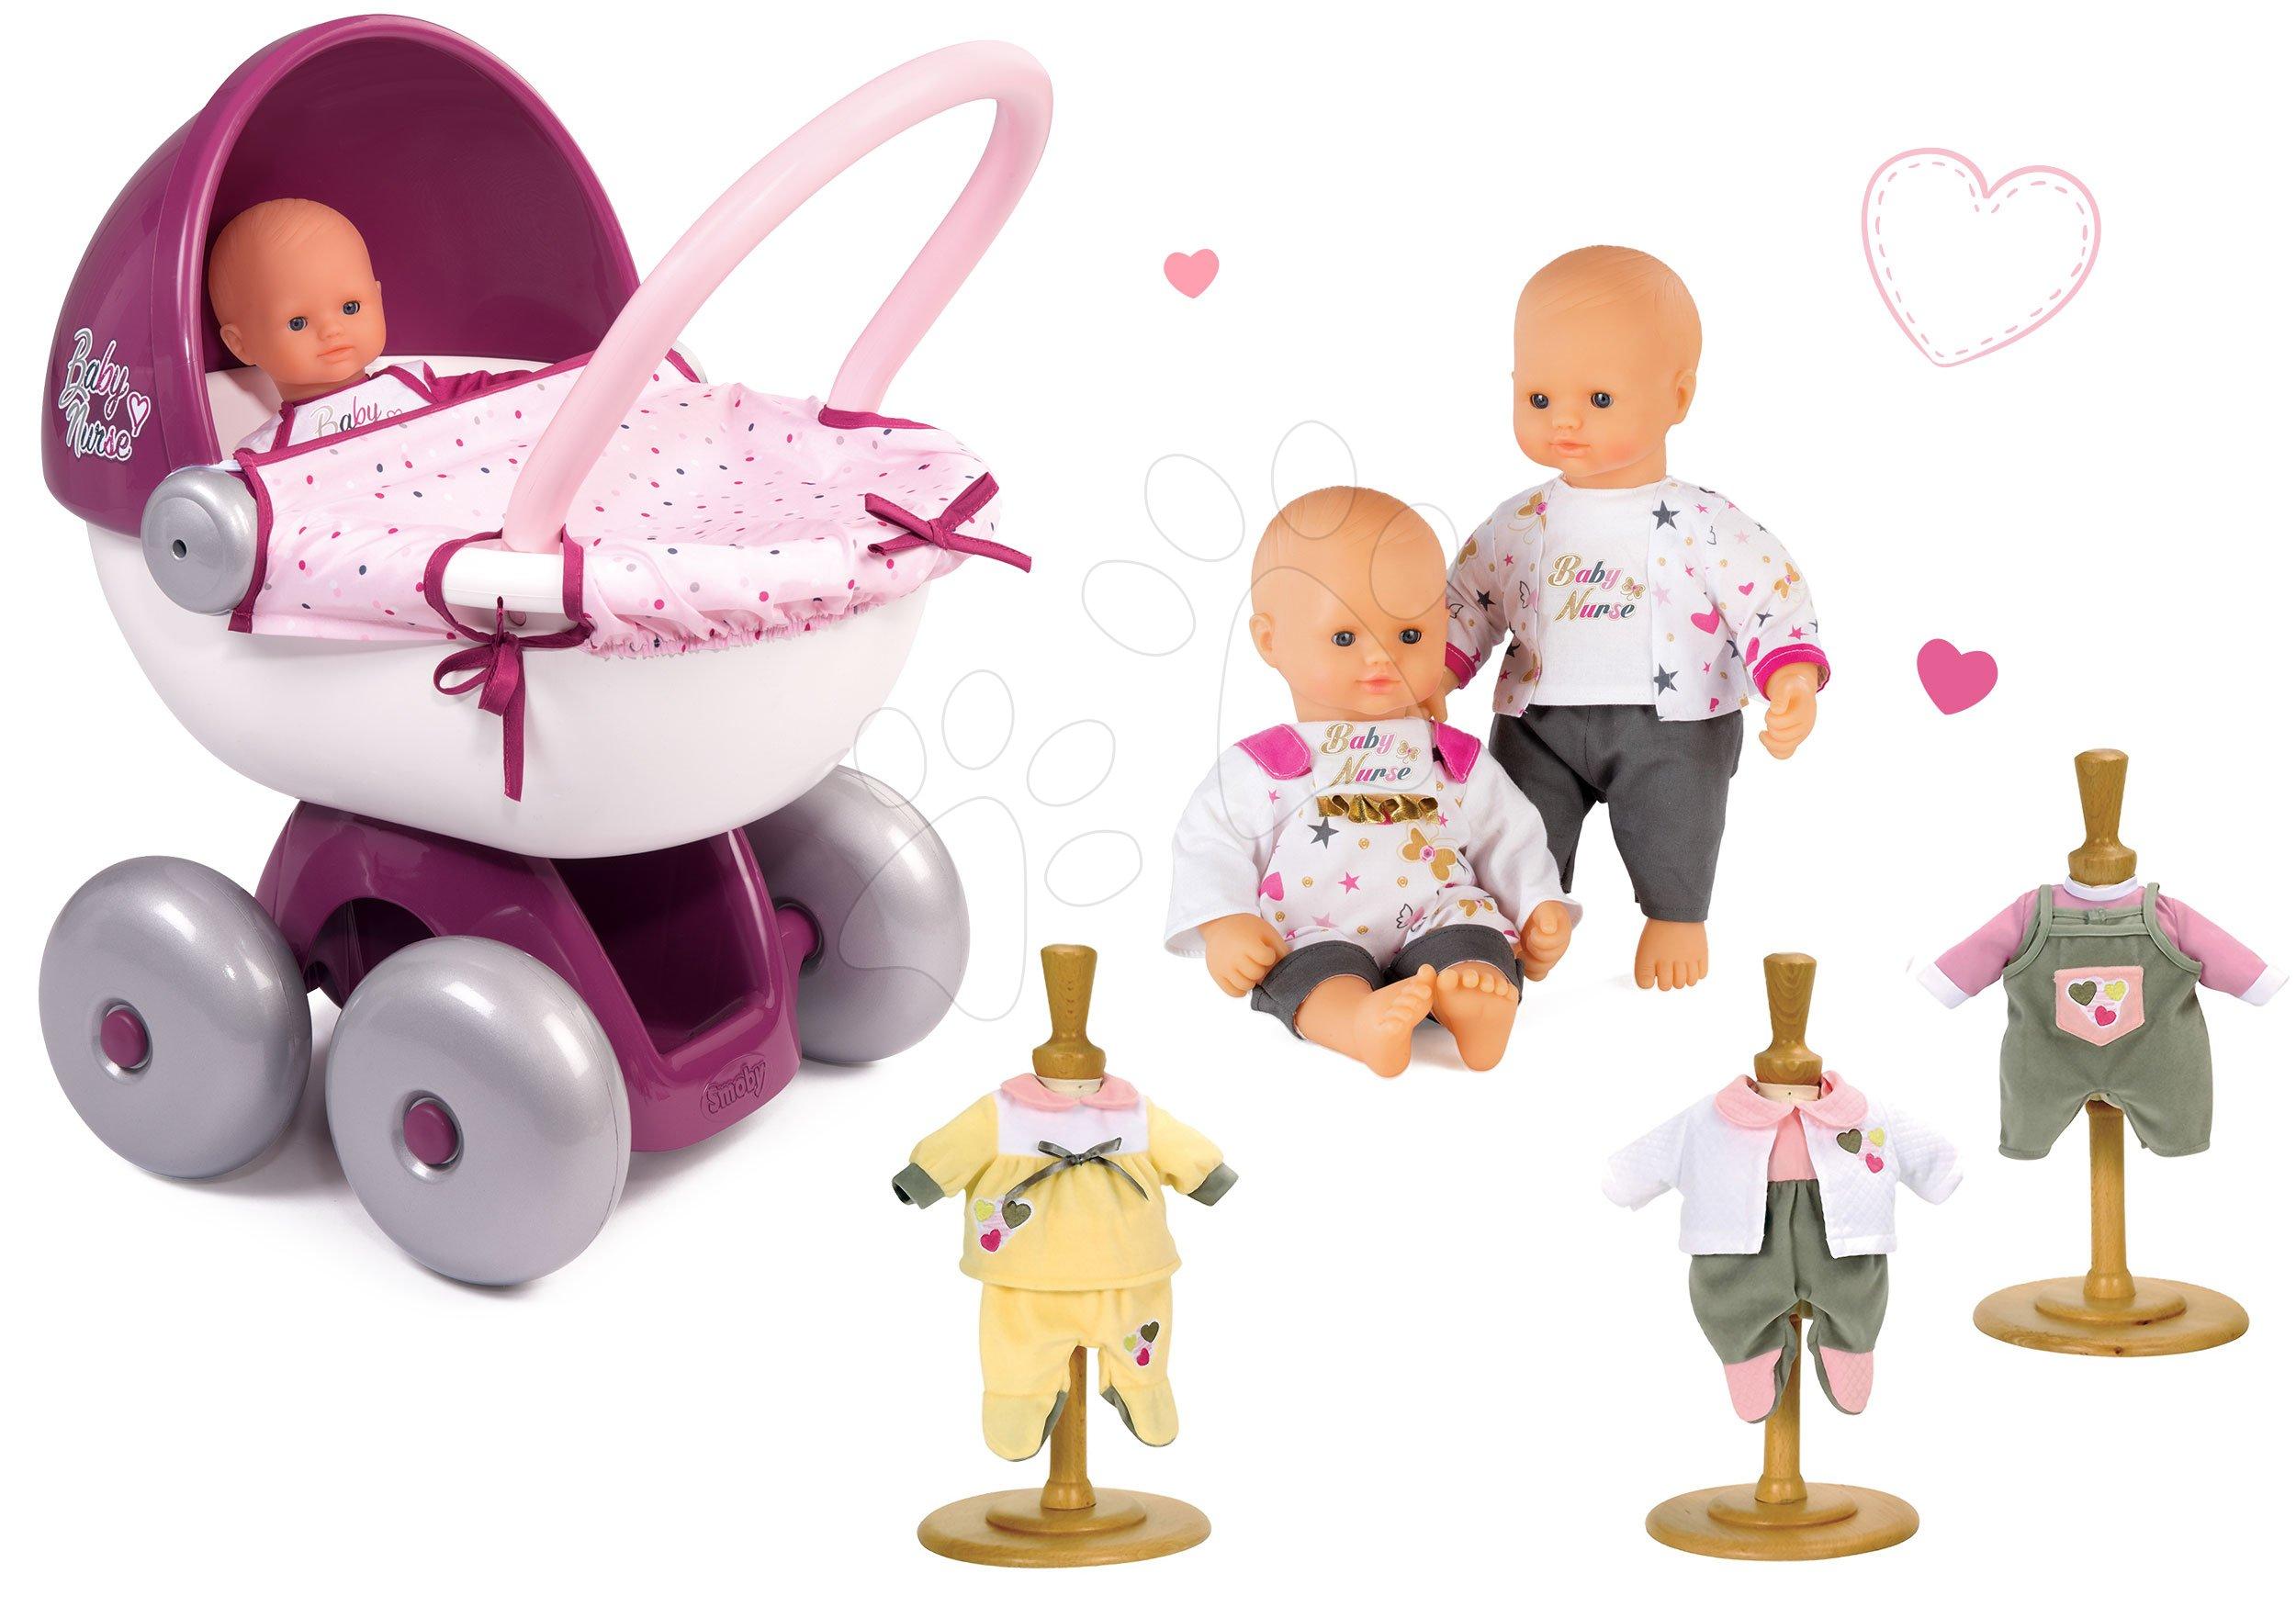 Set panenka Baby Nurse Zlatá edice Smoby 32 cm, hluboký kočárek pro panenku, 3 šatičky od 24 měsíců